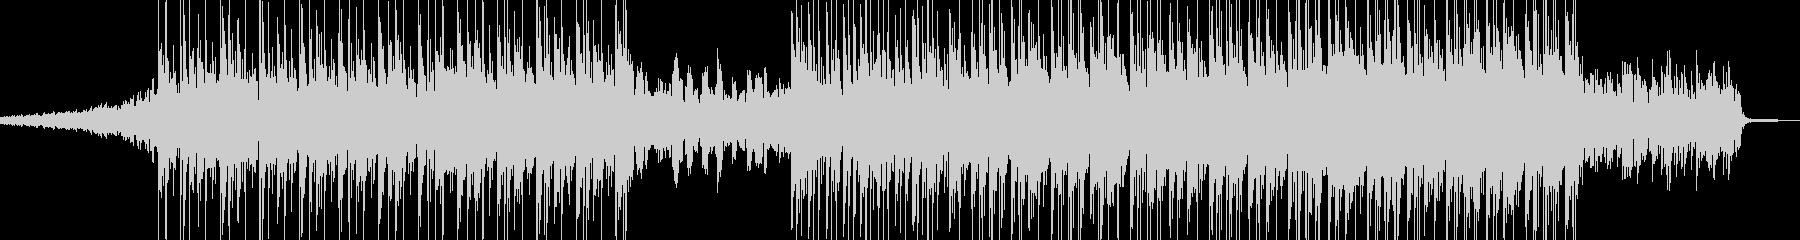 電脳・近未来・エレクトロギターポップ Aの未再生の波形